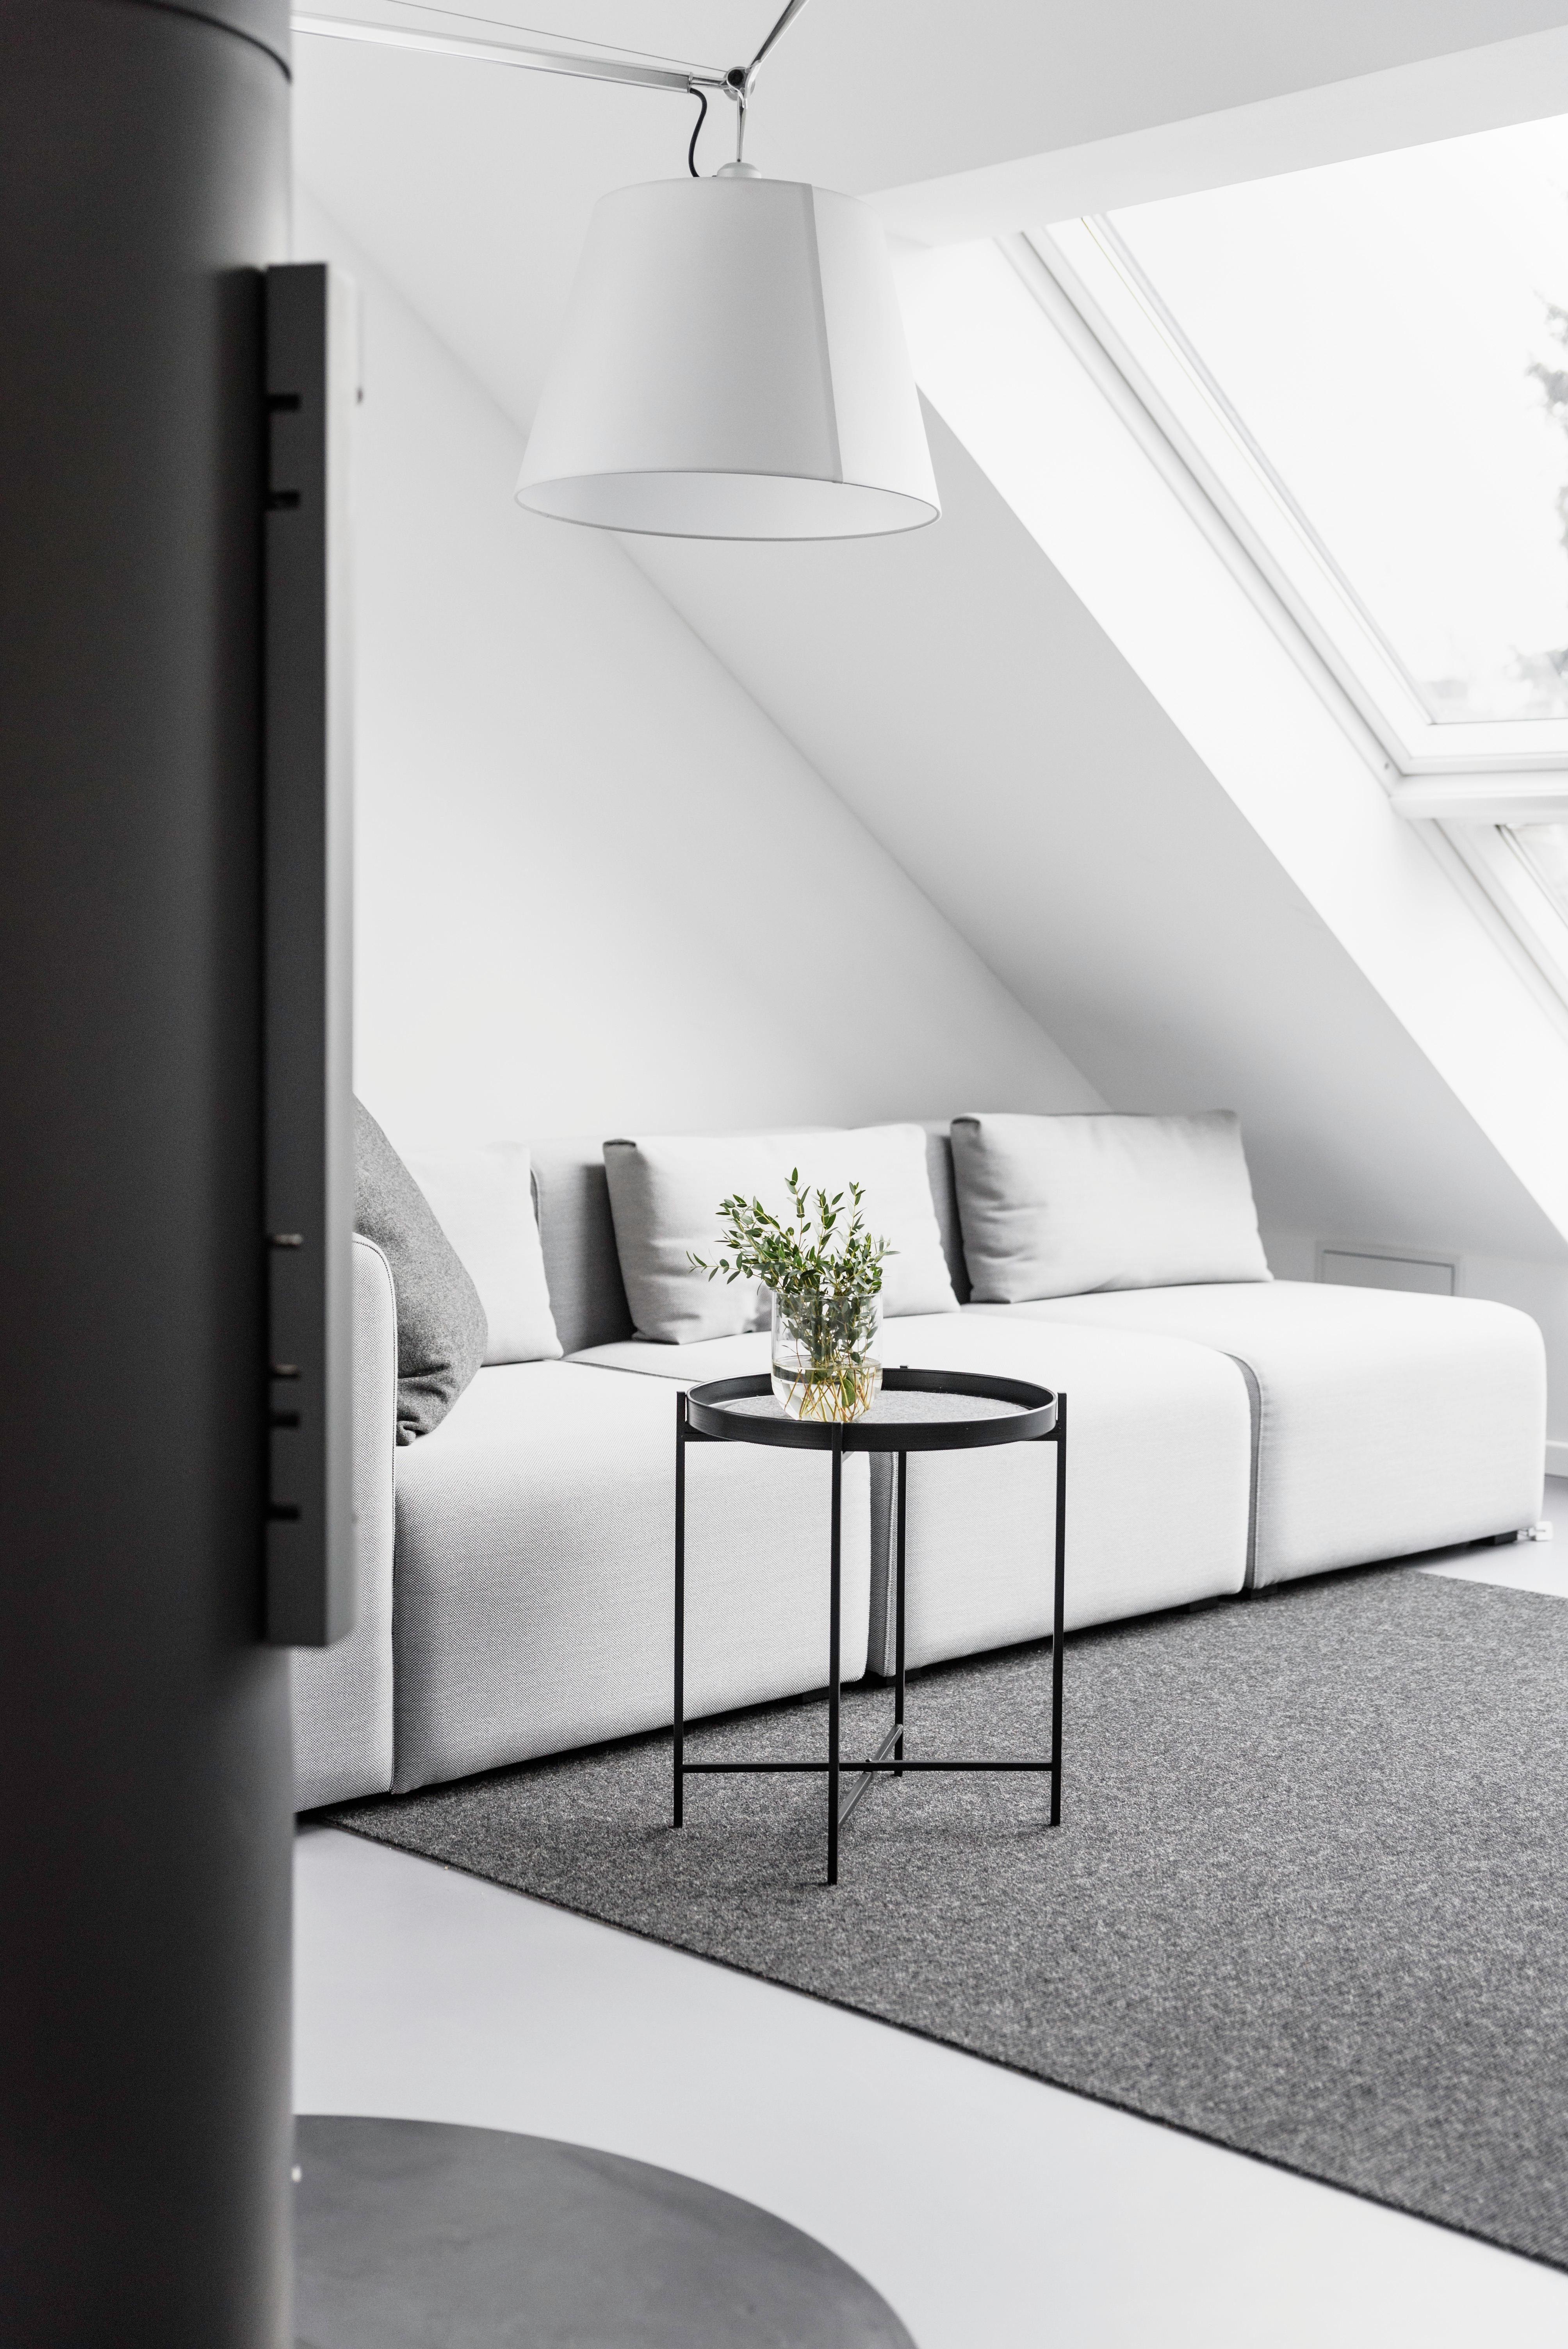 Wohnzimmer   Gemütlichkeit Kennt Keine Grenzen! #Wohnzimmer #Blumendeko  #Kaminofen #Kamin #